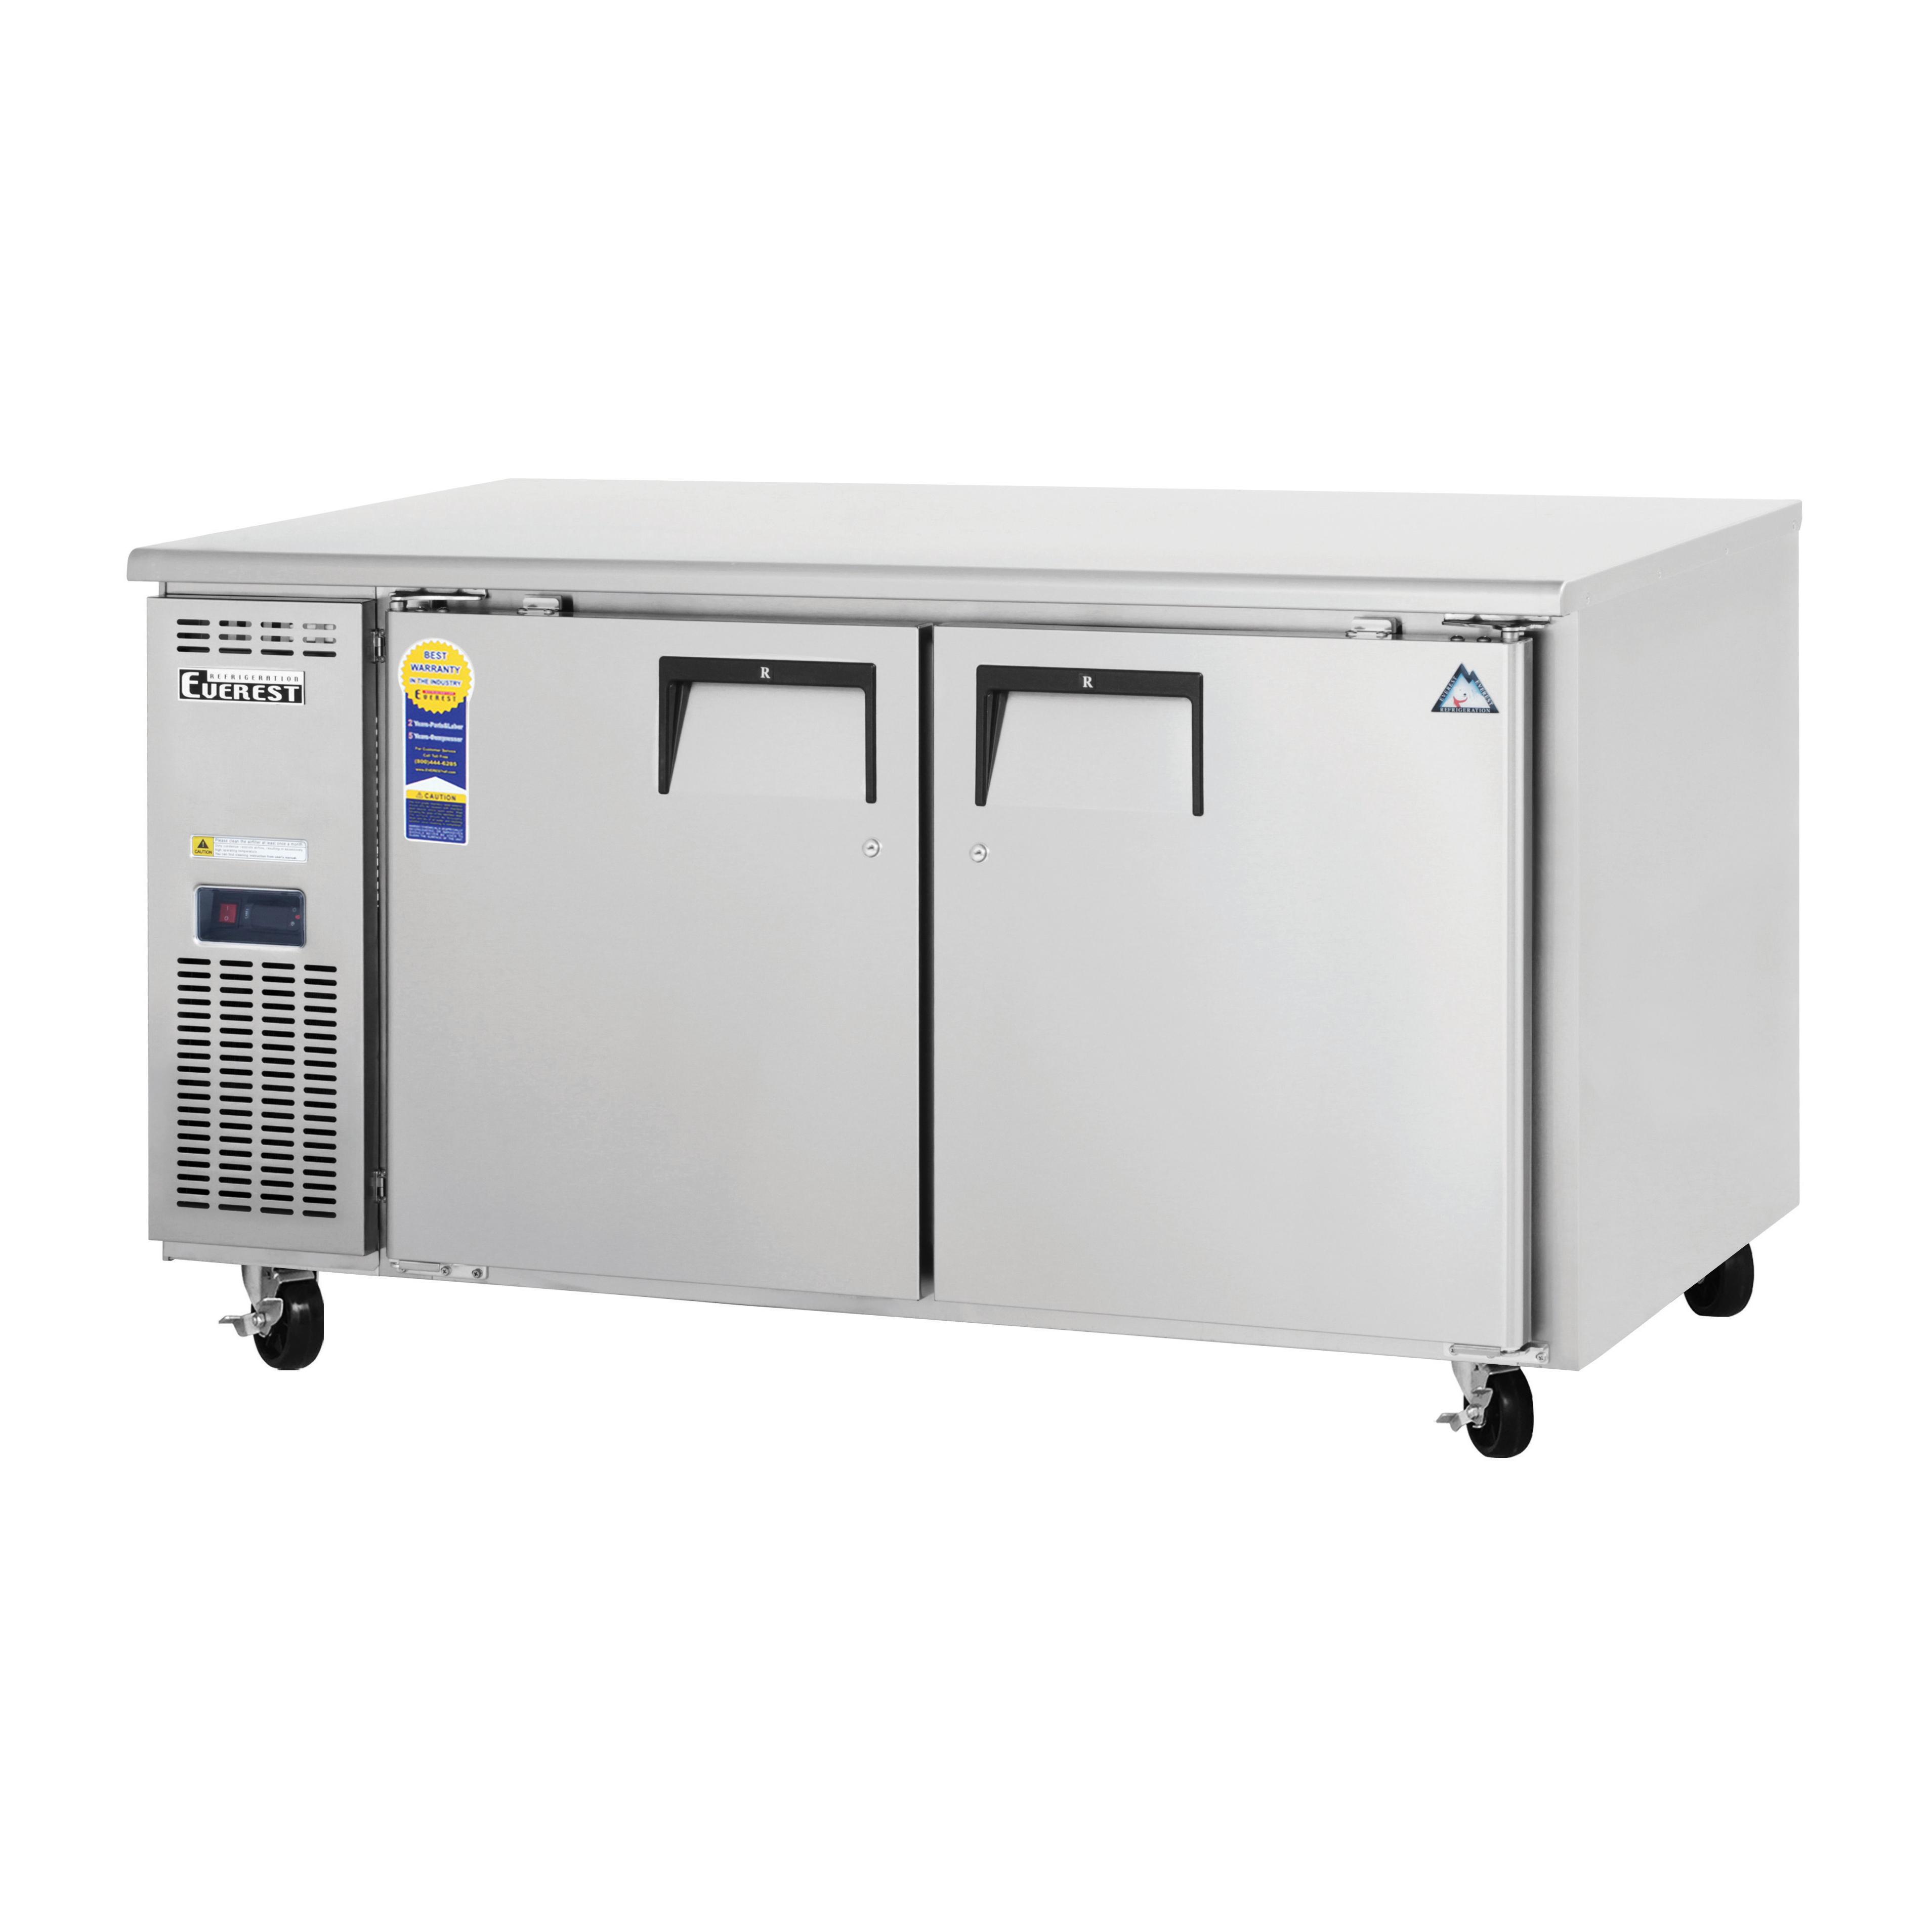 Everest Refrigeration ETWF2 freezer, undercounter, reach-in